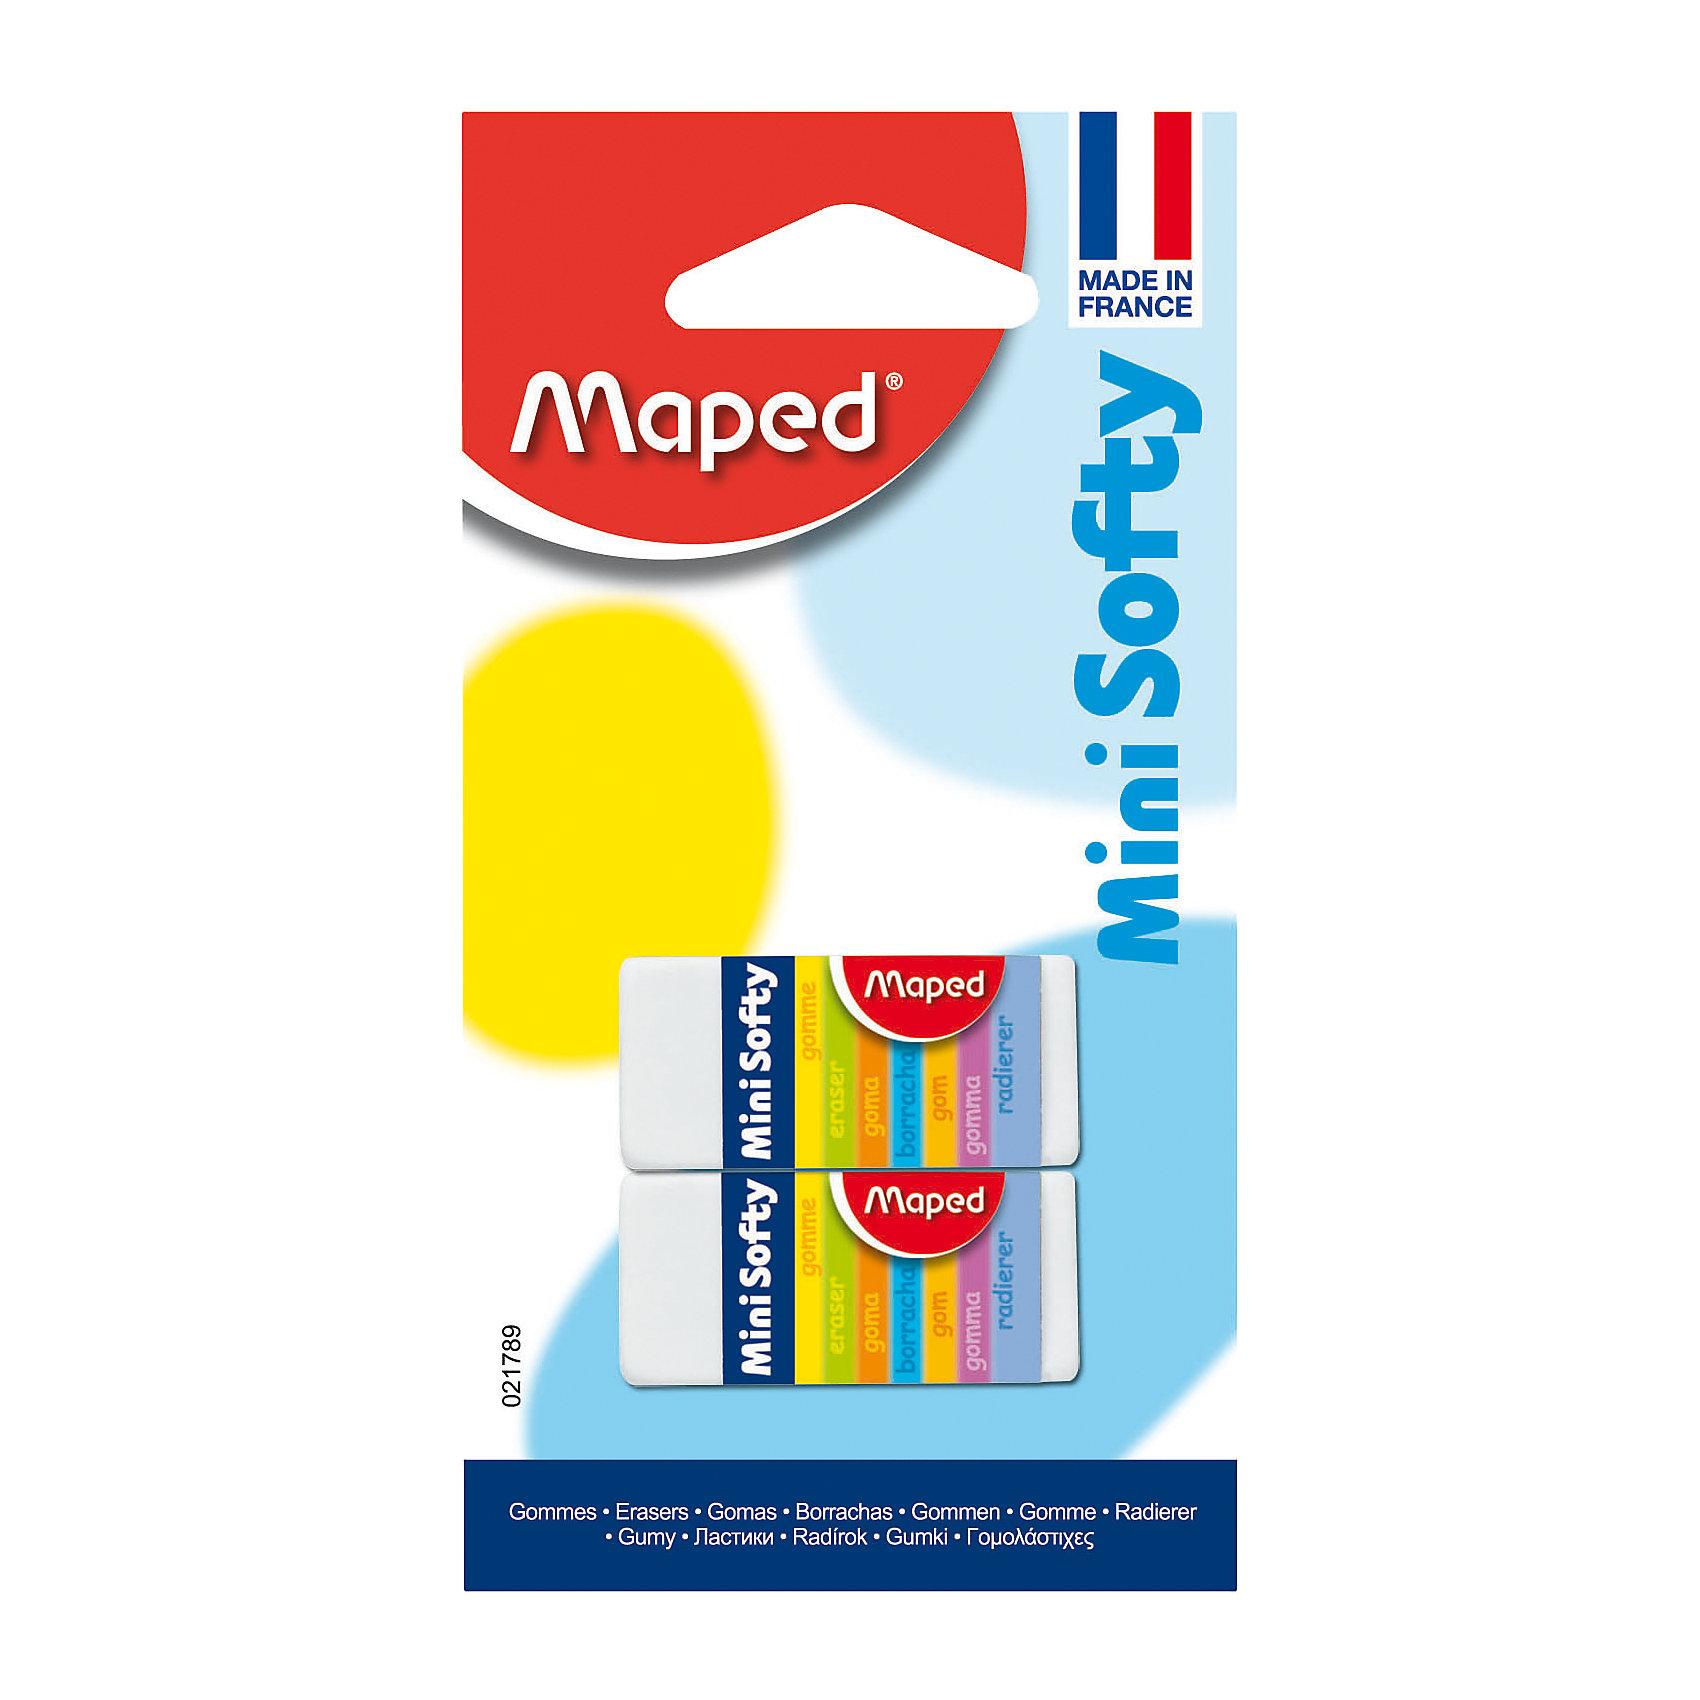 Maped Ластик softy mini в блистереЧертежные принадлежности<br>Высококачественные ластики Maped понравятся даже самому требовательному покупателю! Ни одна из стирательных резинок Maped не содержит фталатов и ПВХ, изделия полностью соответствуют существующим требованиям безопасности. Ластик имеет мягкую структуру, что обеспечивает комфортное стирание.<br> Размер: мини отлично подходит для школьного пенала.<br><br>Ширина мм: 14<br>Глубина мм: 65<br>Высота мм: 125<br>Вес г: 26<br>Возраст от месяцев: 60<br>Возраст до месяцев: 216<br>Пол: Унисекс<br>Возраст: Детский<br>SKU: 3157369